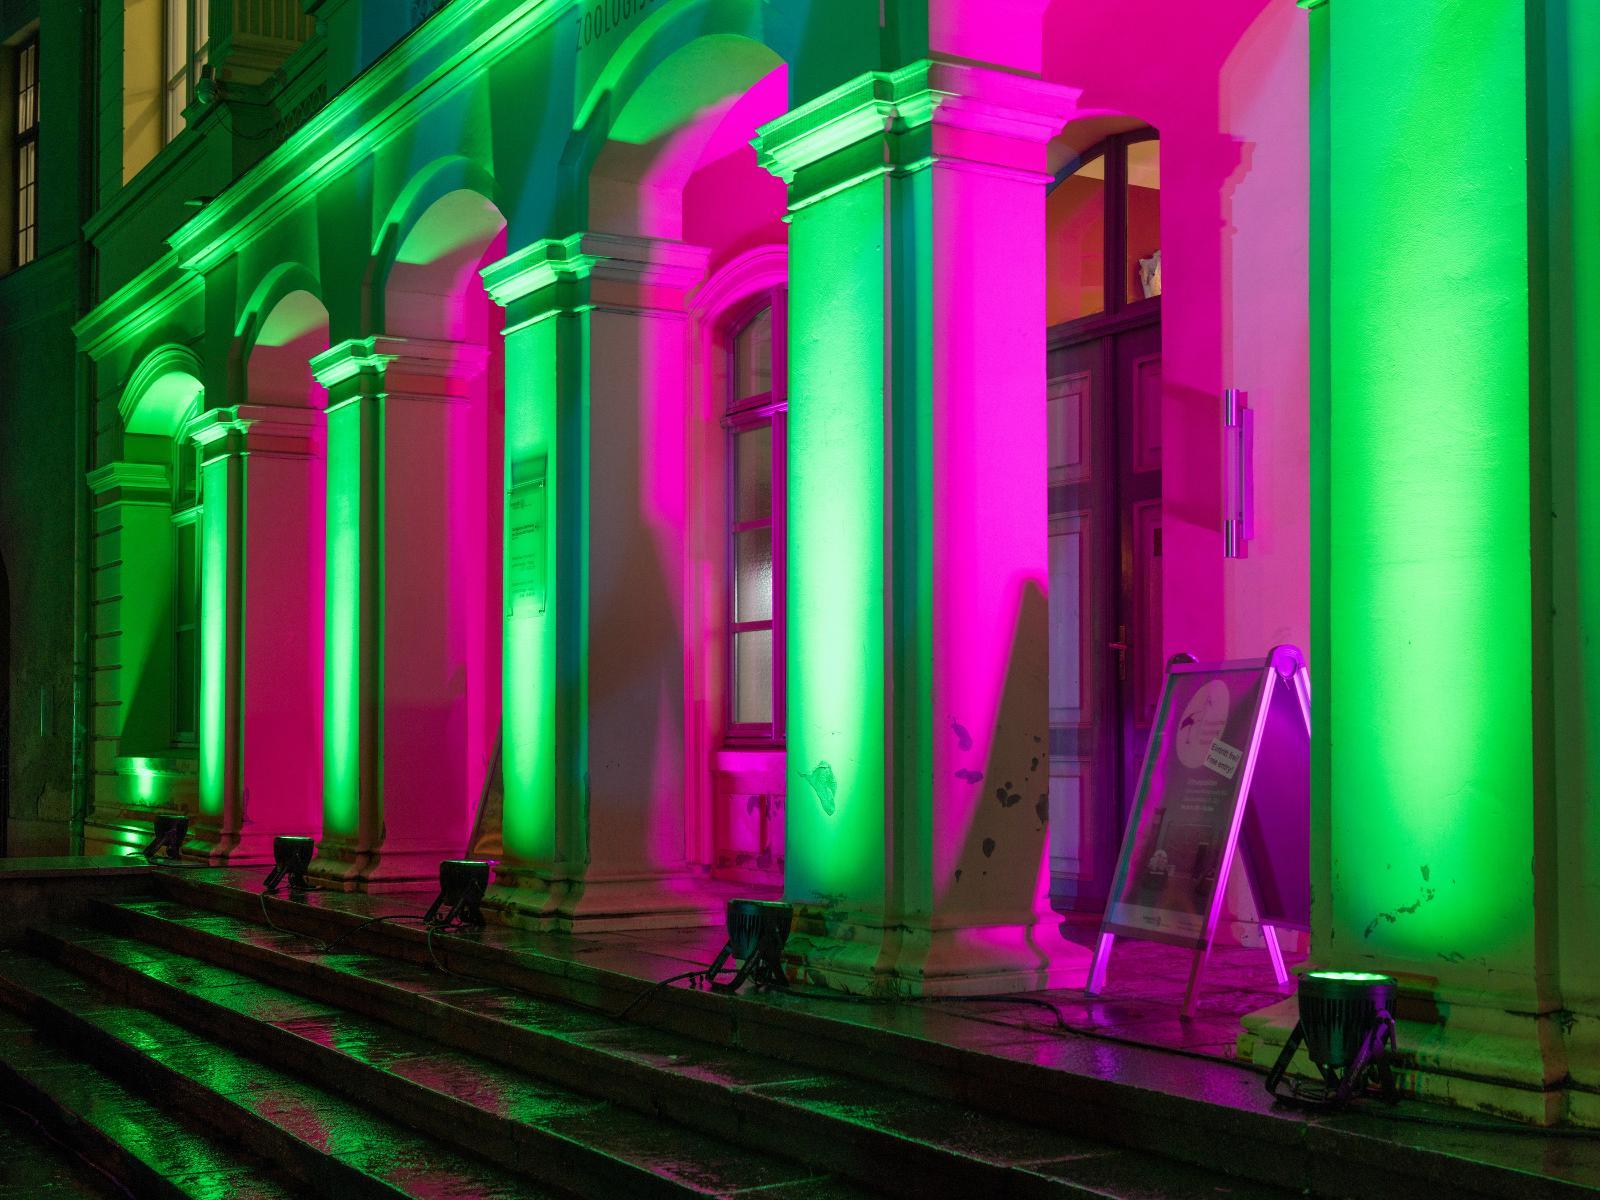 Die Säulen des Zoologischen Instituts erstrahlen in bunten Lichtern